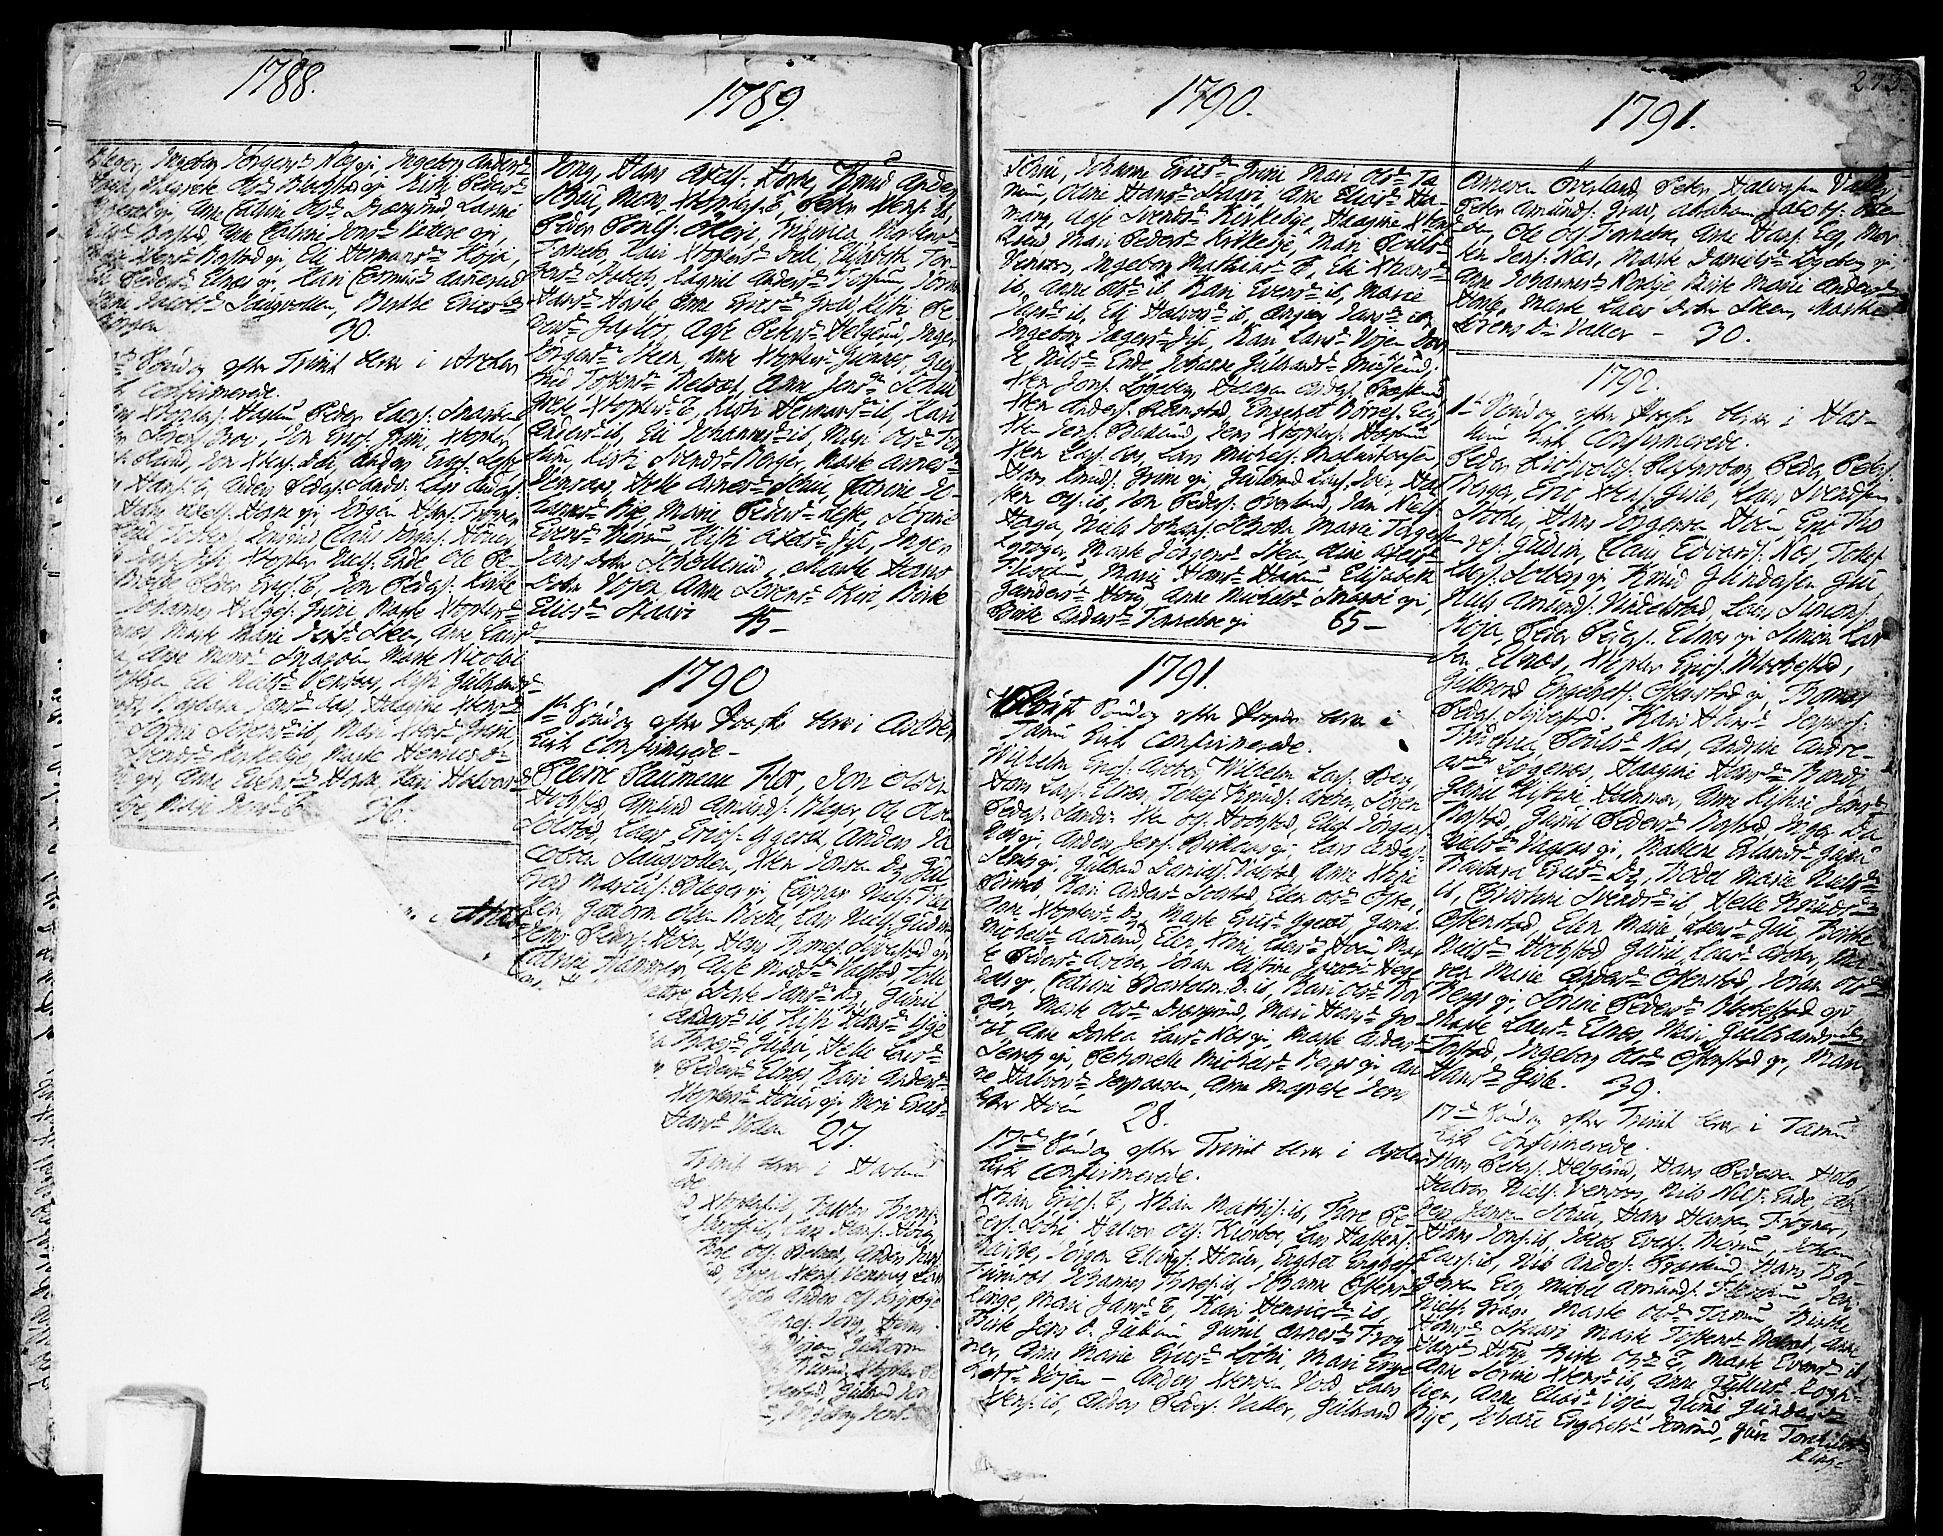 SAO, Asker prestekontor Kirkebøker, F/Fa/L0003: Ministerialbok nr. I 3, 1767-1807, s. 273